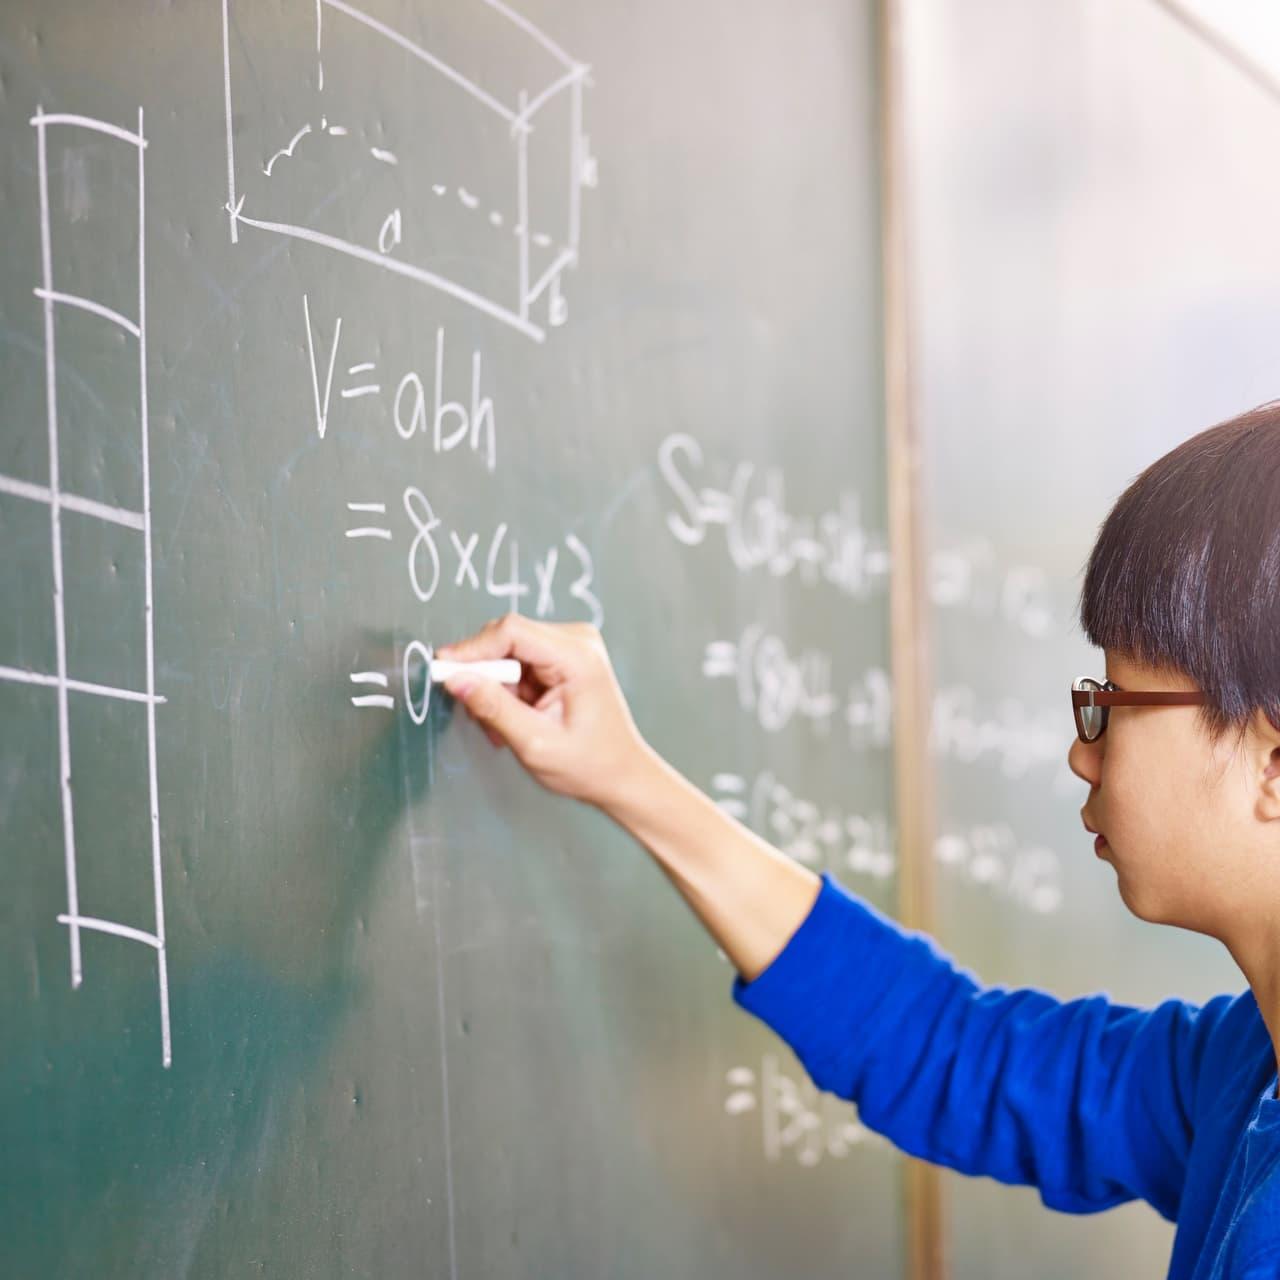 【教育の個別最適化】学力のみの選別につながる改革は要らない